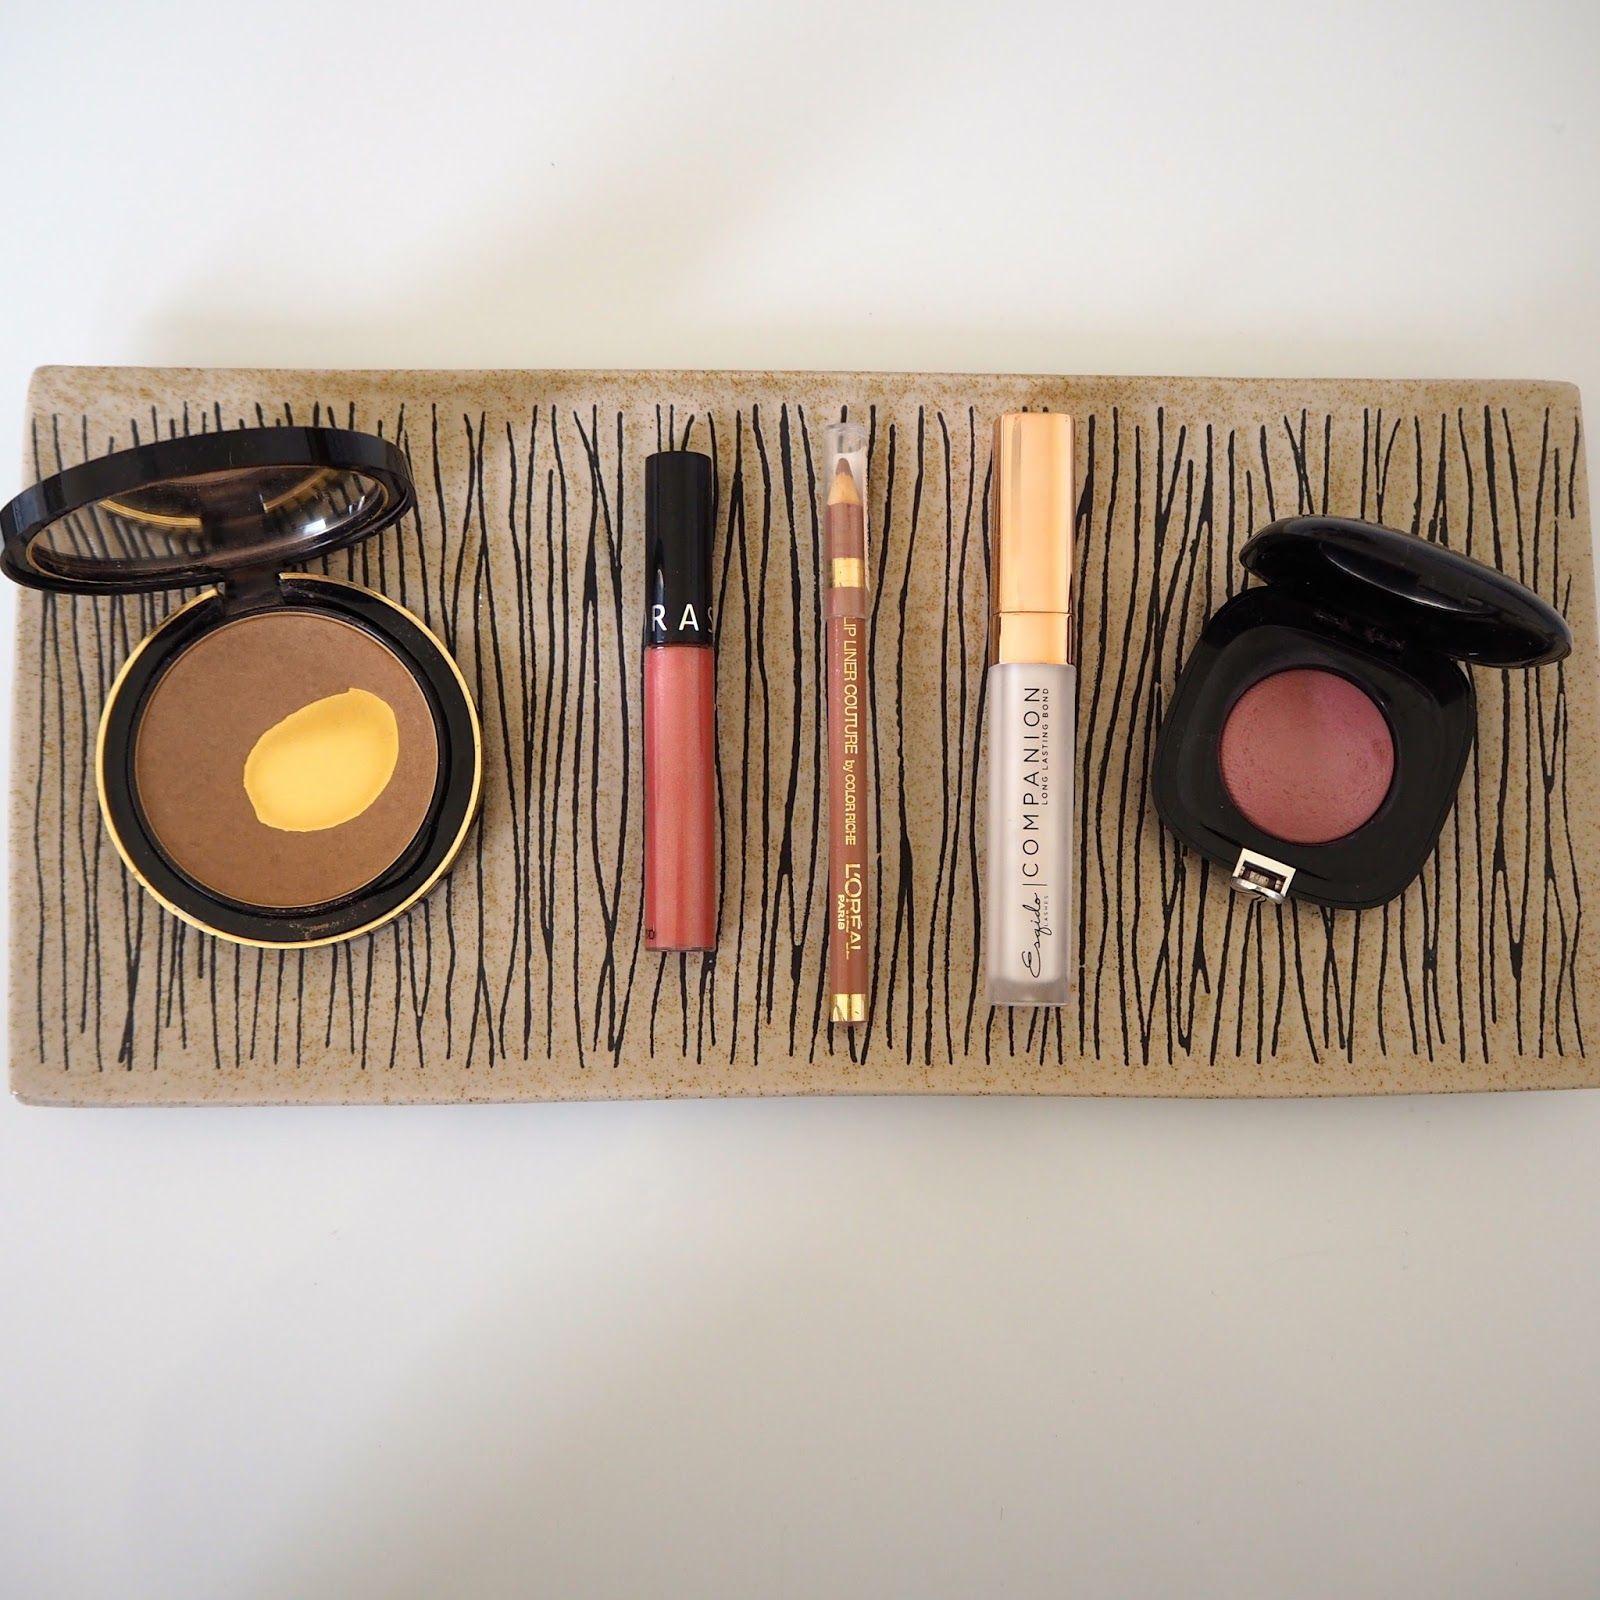 Makeup Beauty Secrets: Hourglass Femme Nude Lip Stylo in 4